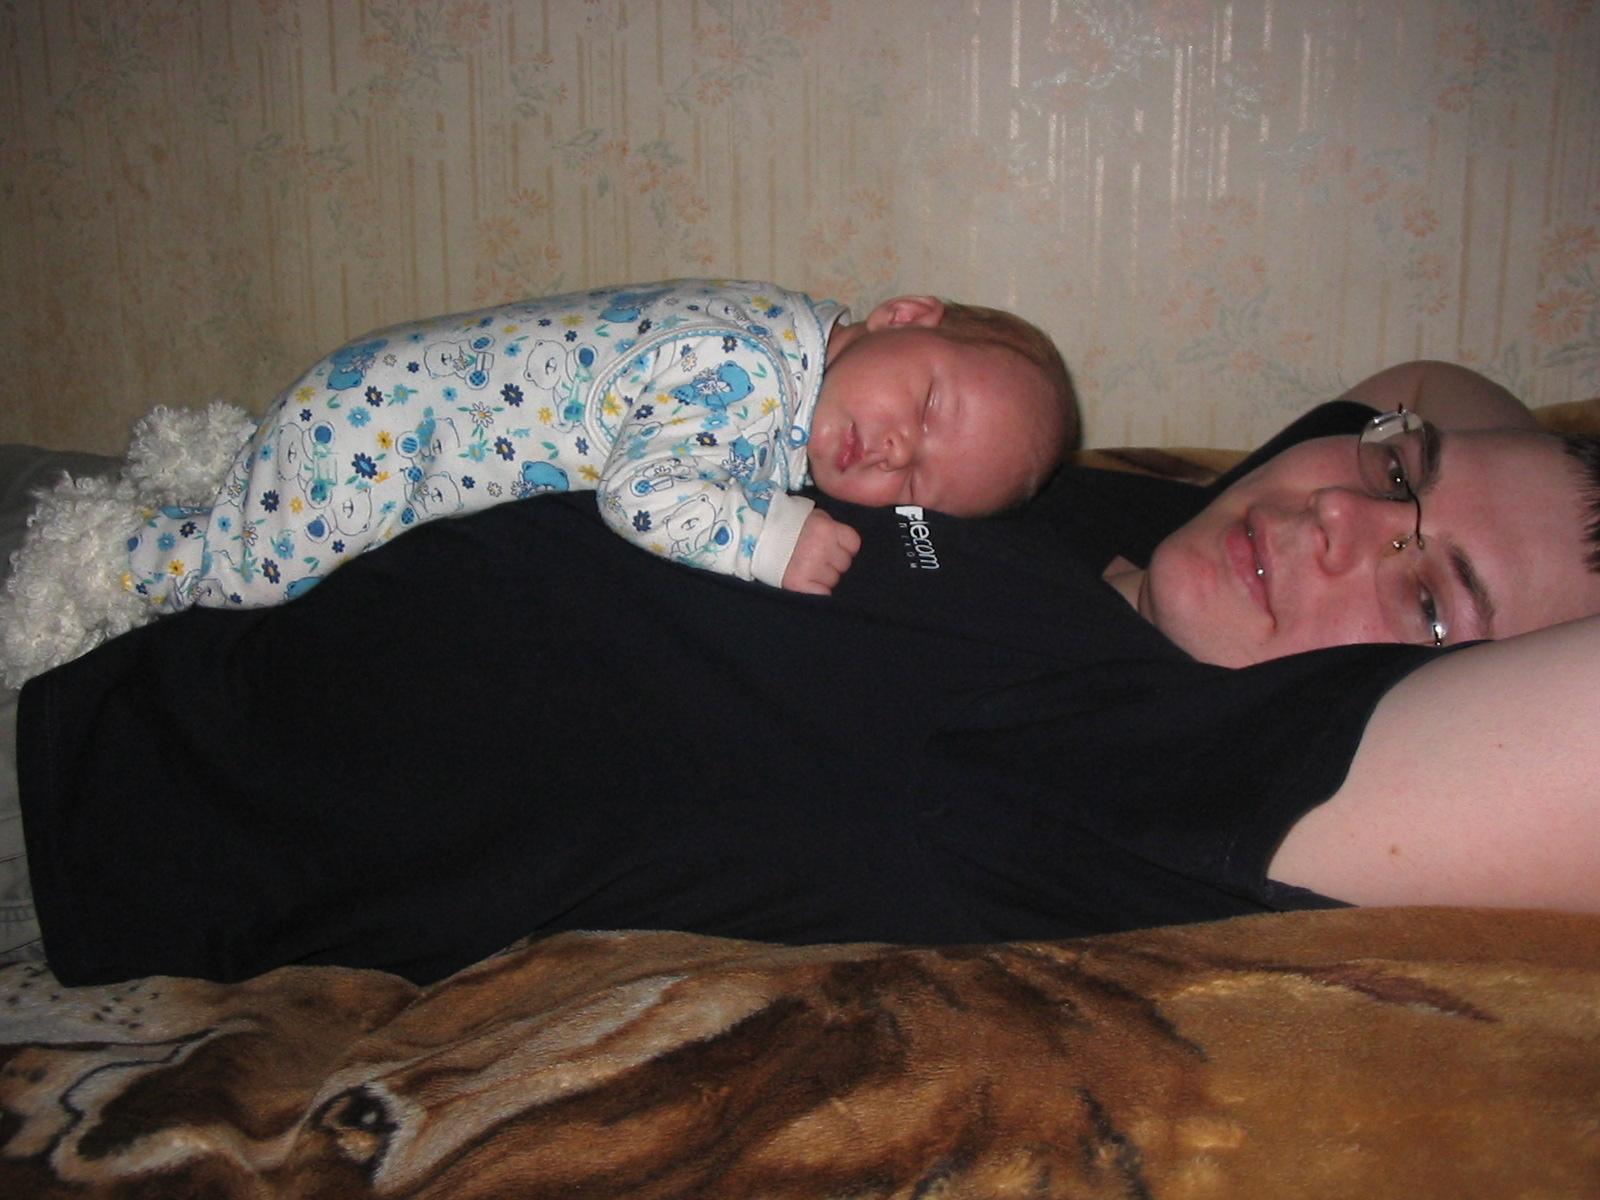 В кроватке хорошо,но на папе лучше!. Слова - не единственный способ общения